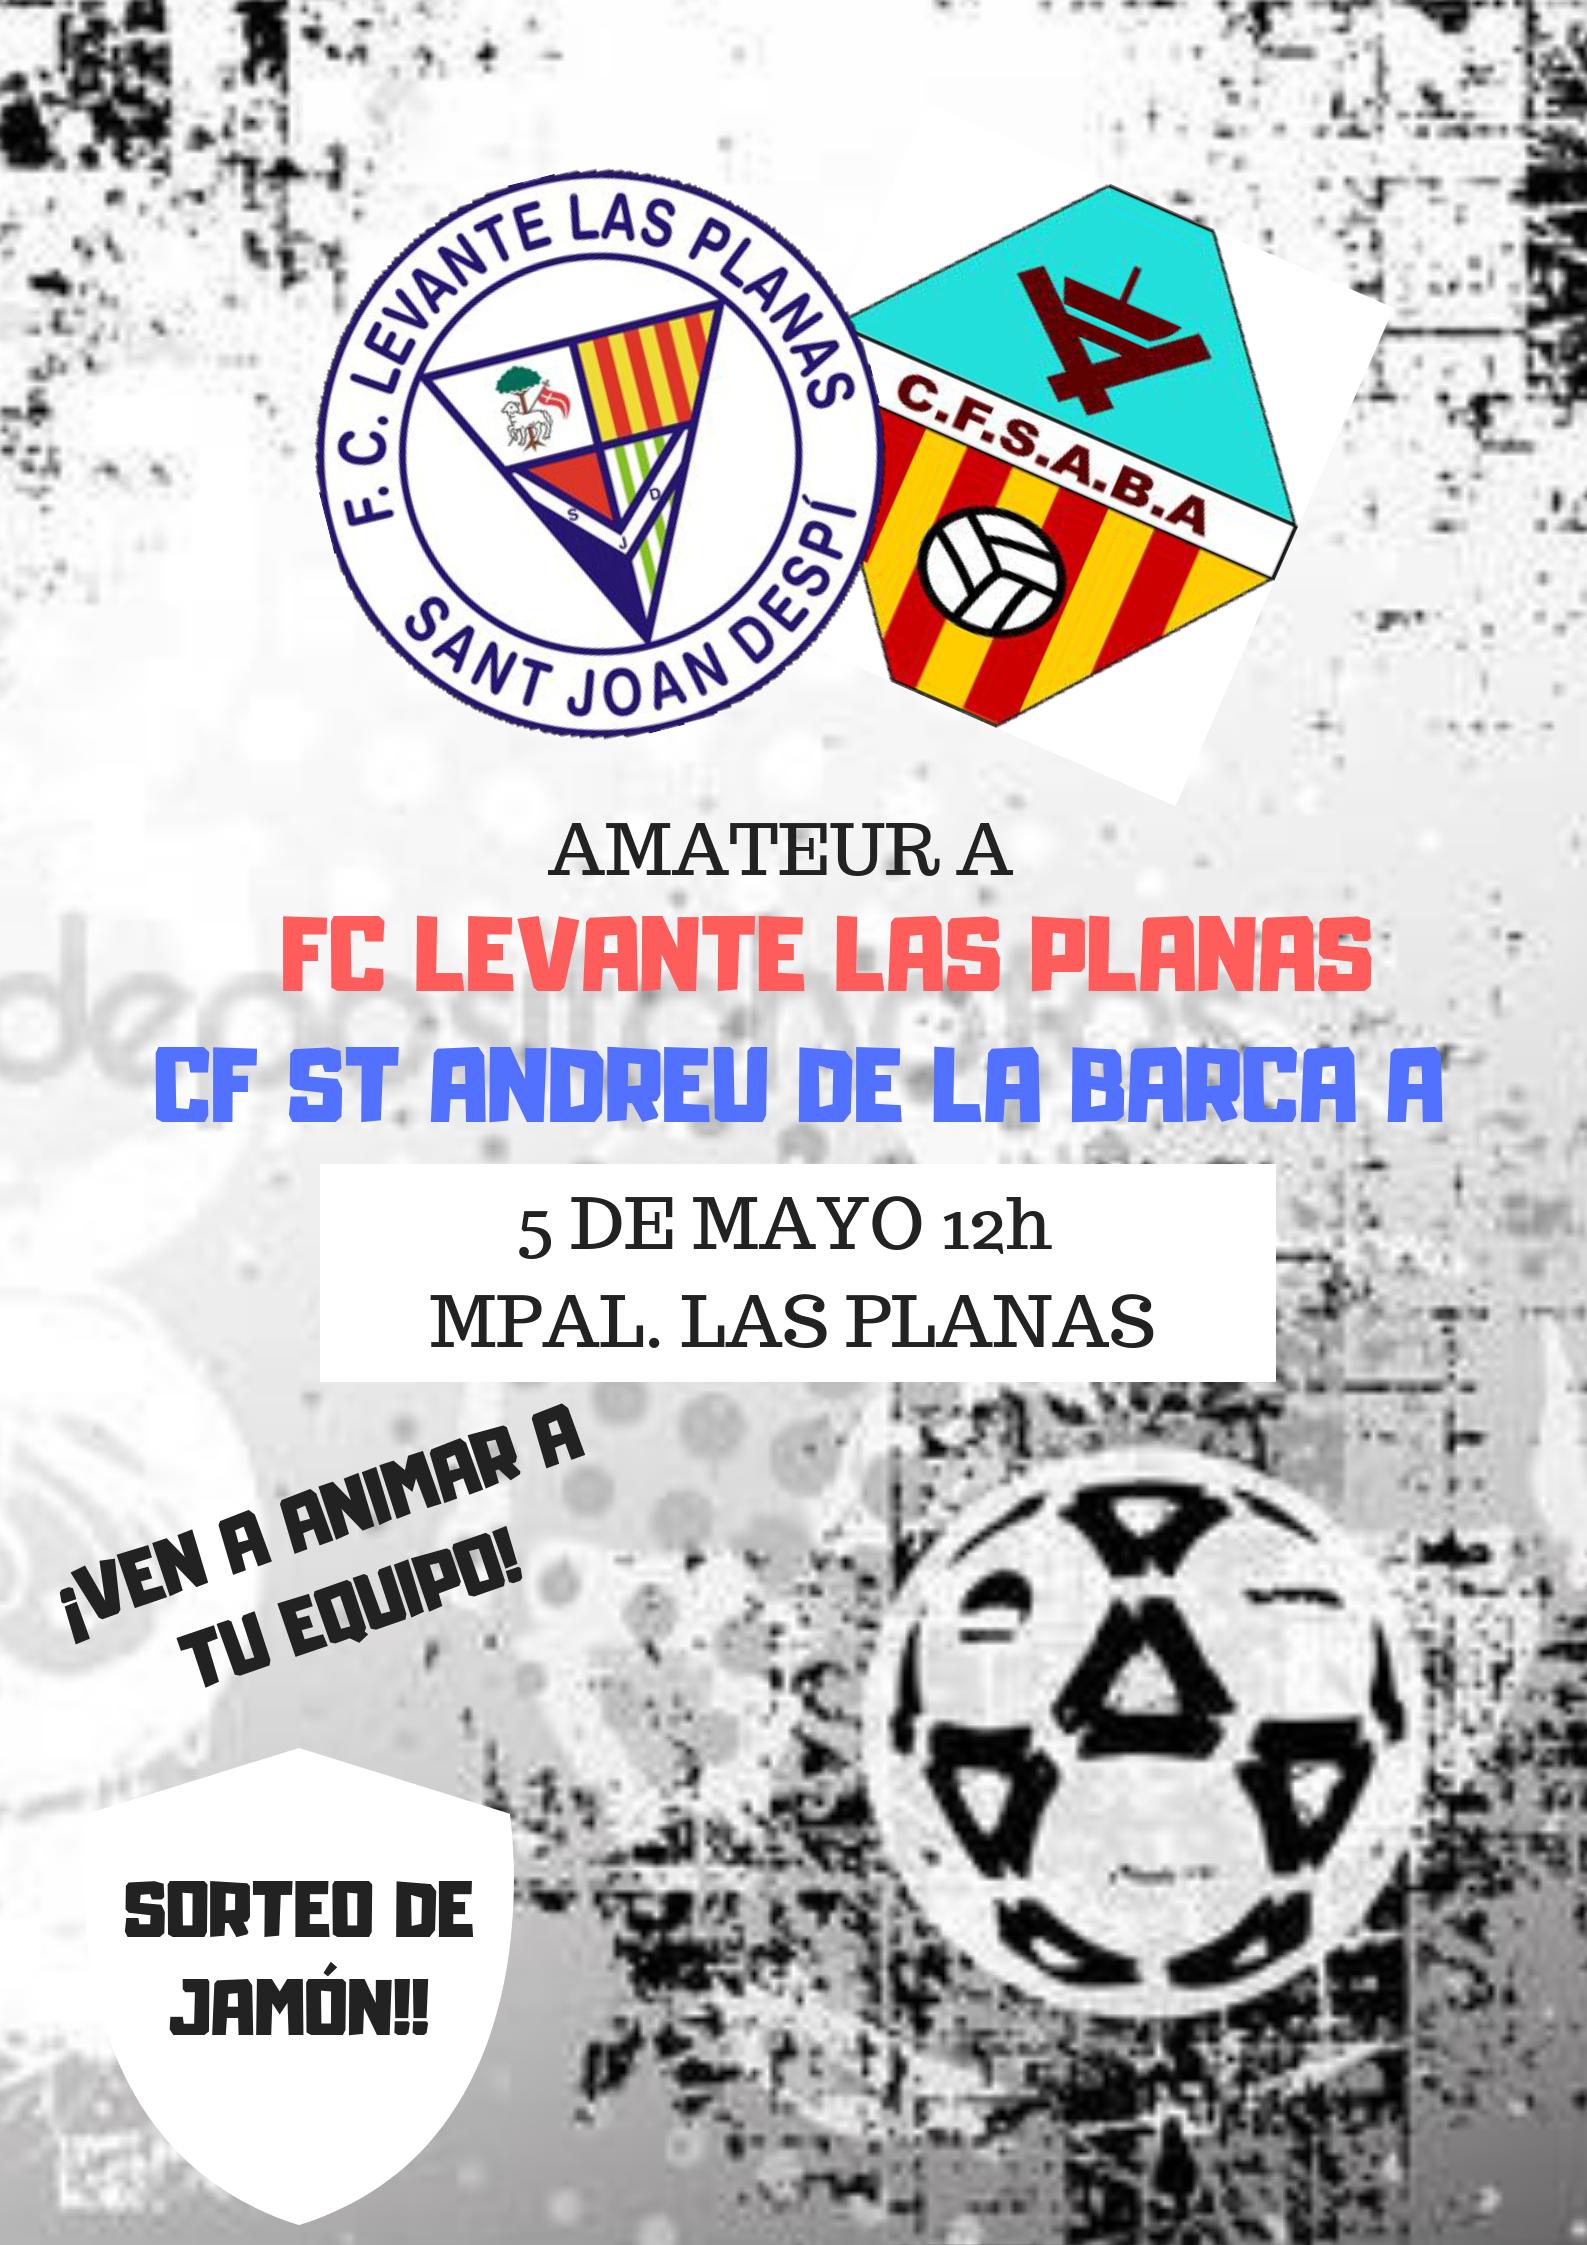 Amateur A vs CF St Andreu de la Barca